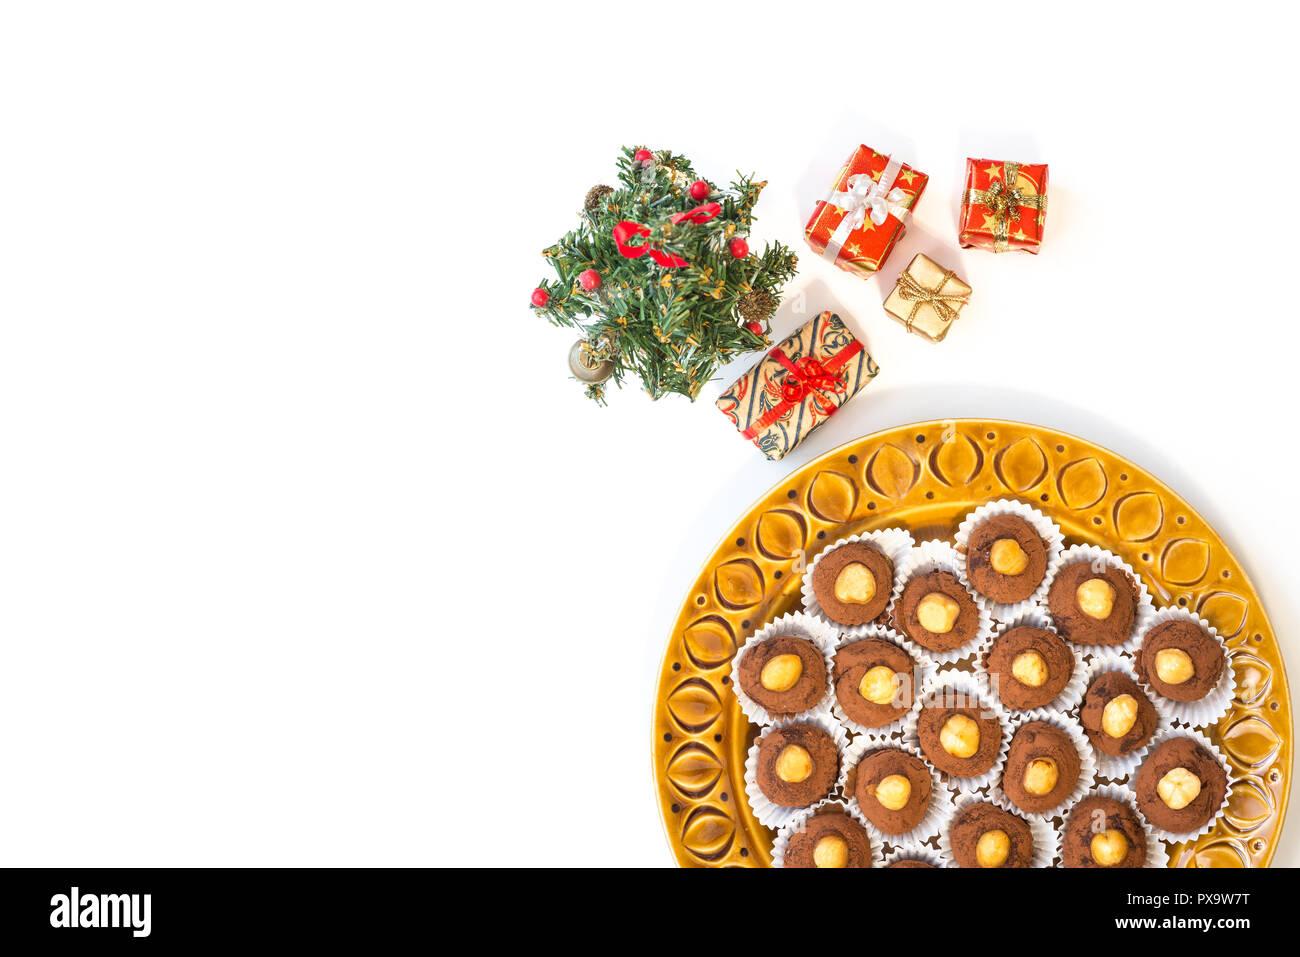 Hausgemachte weihnachten Dessert; Schokolade Bonbons mit gehackten Haselnüssen, weißer Hintergrund Stockbild